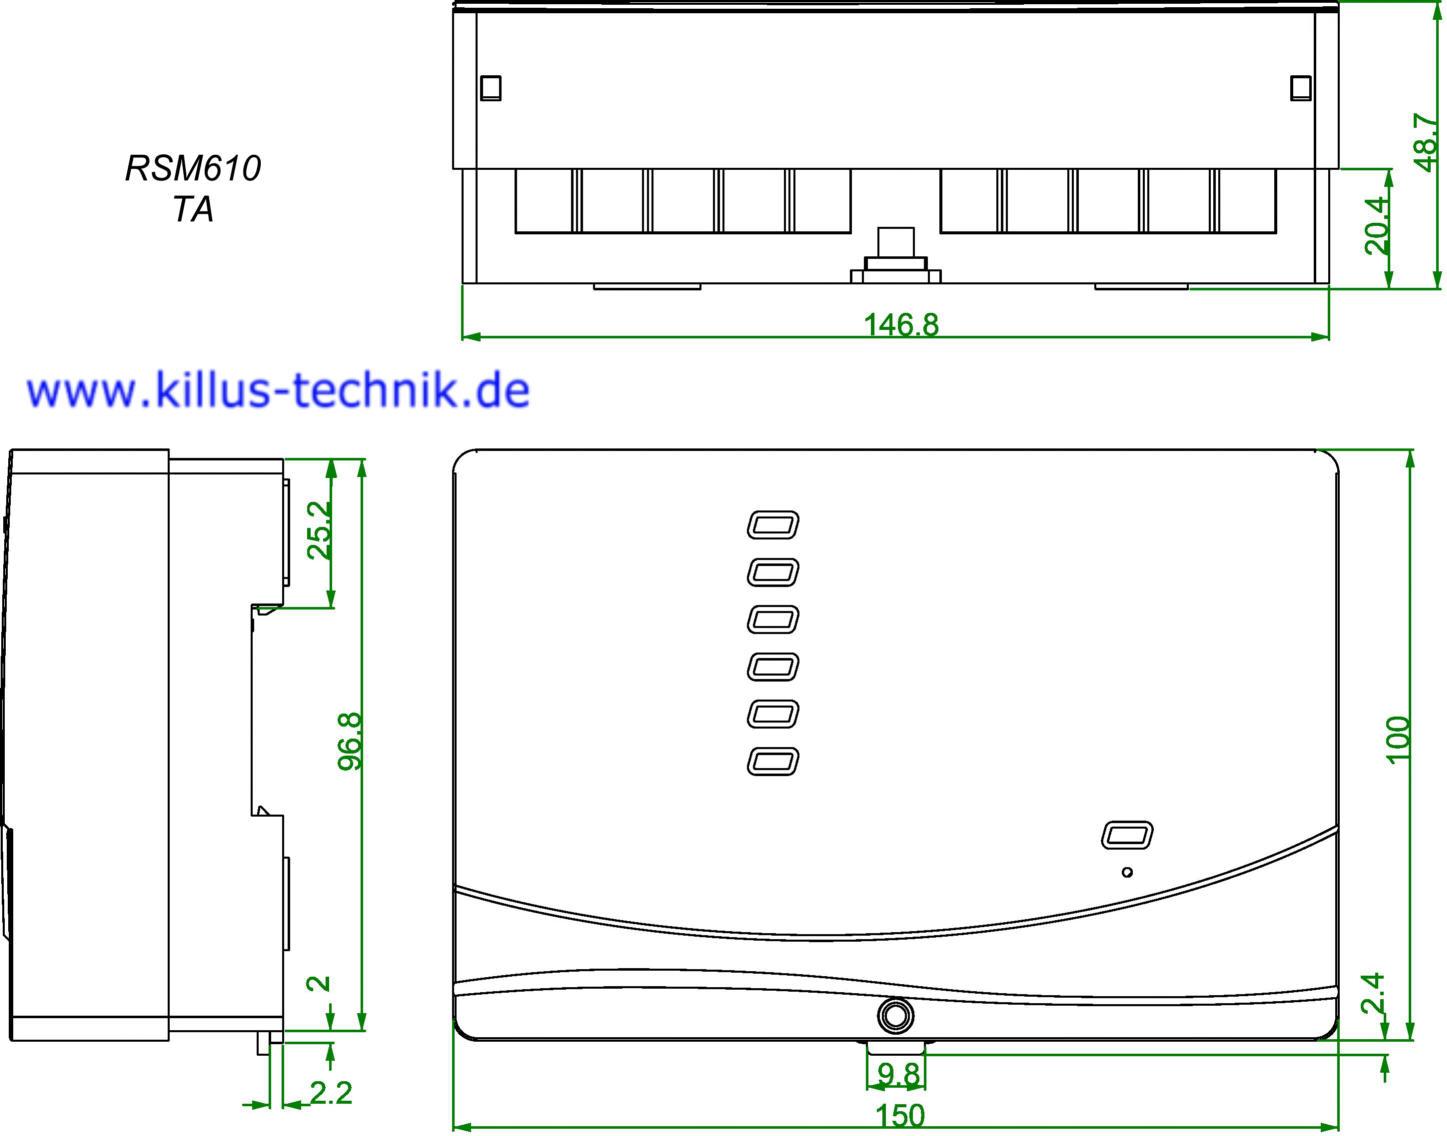 Frei programmierbares Regel- und Schaltmodul RSM610 Abmessungen TA Technische Alternative Killus-Technik.de